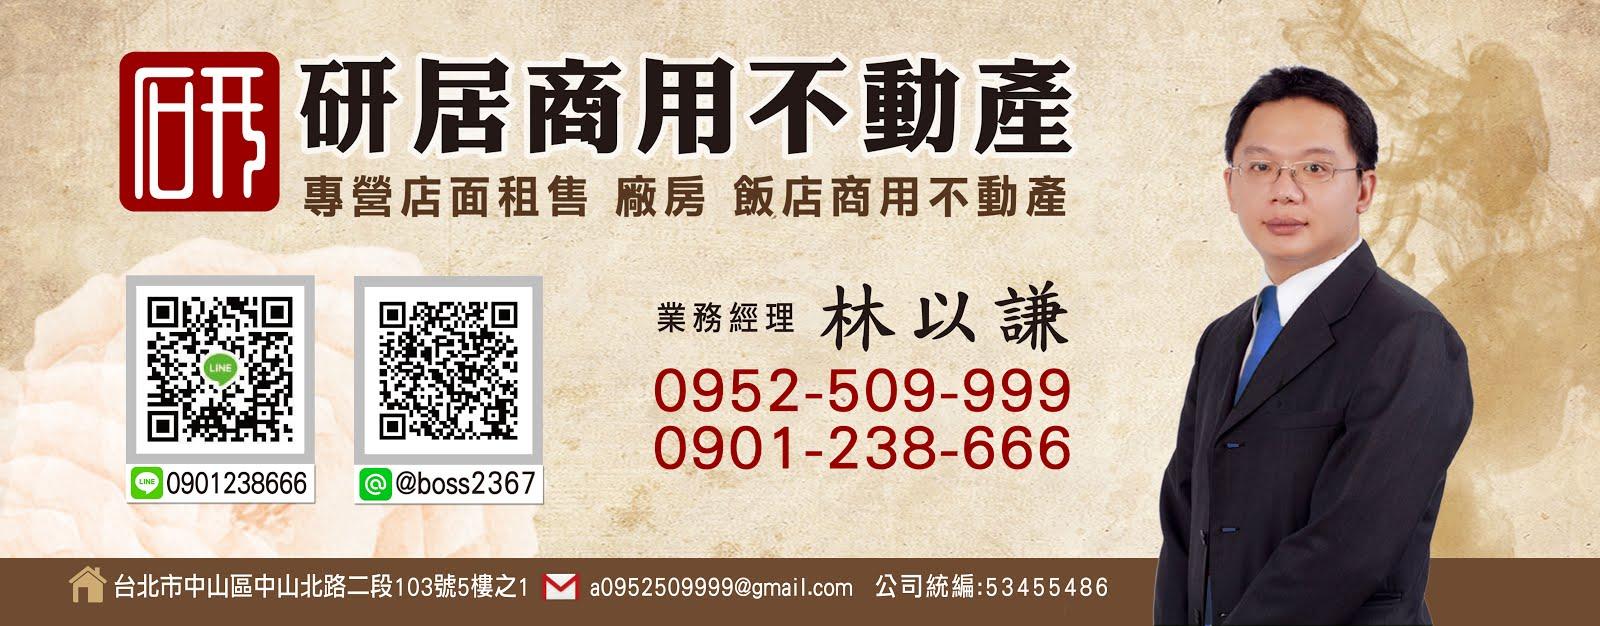 研居商用不動產台北中山店  林以謙  專營 店面租售  商用不動產